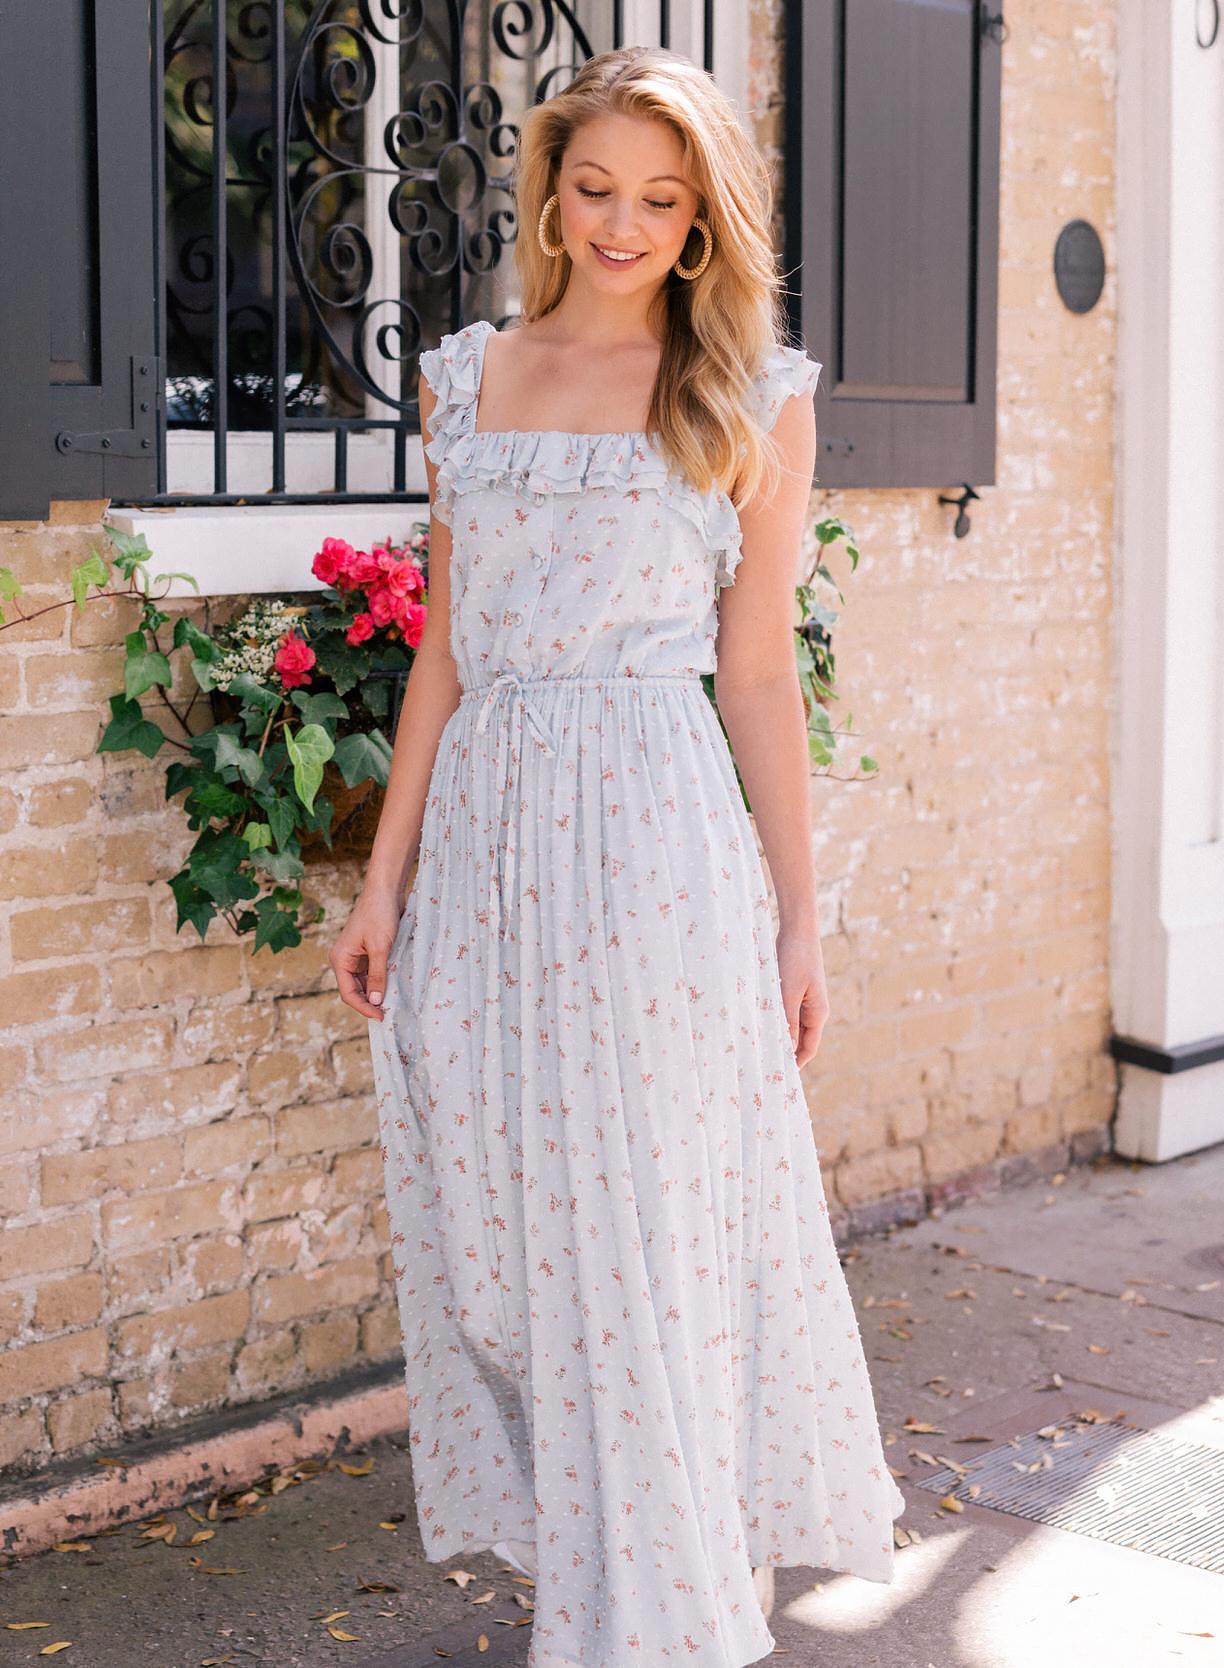 24b3f18a8f221 Gal Meets Glam x Stitch Fix S-S 2019 Dresses, Jumpsuits: Details